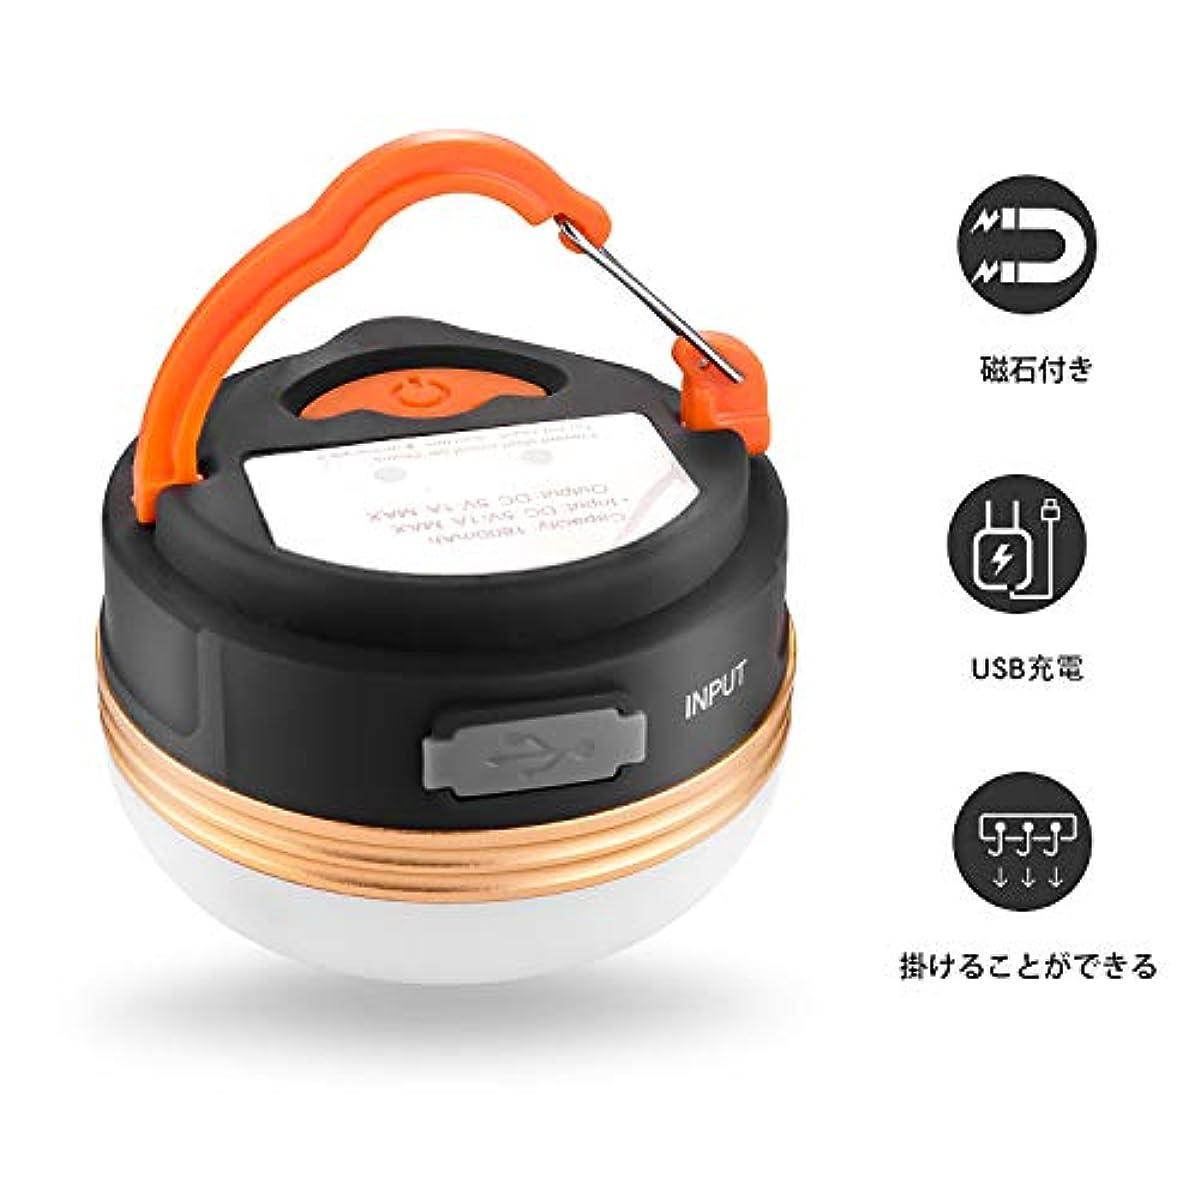 [해외] 랜턴,XXDEAL LED USB충전식 캠프 라이트 3개조 광모드 마그넷식 1800MAH 소형 난색 아웃도어 휴대 캠프 용품/응급 방재 정전용